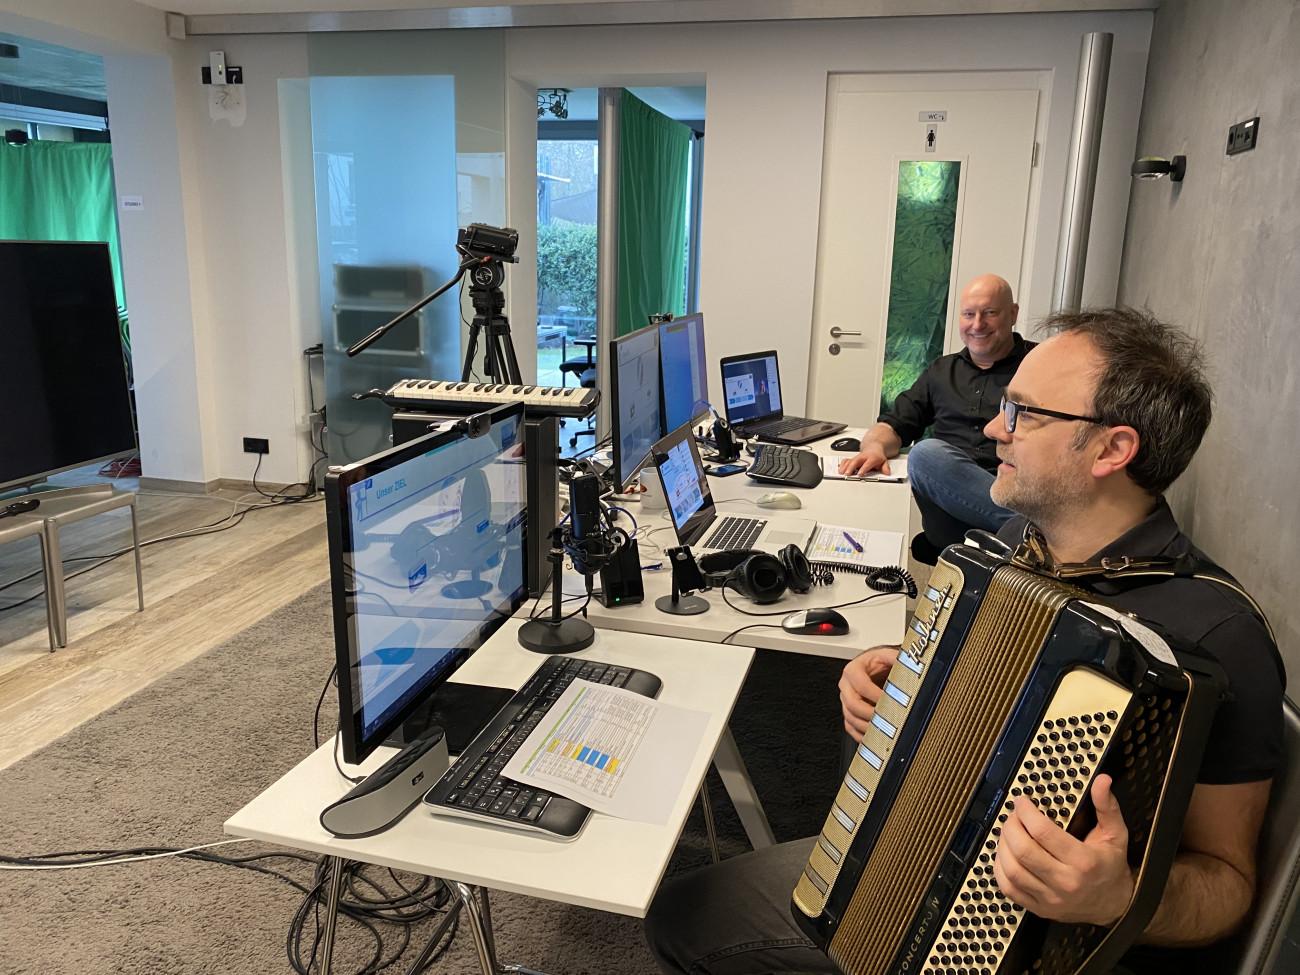 Jammin´Cool Heiko Schulz, Livemusik im Einsatz bei Corporate Events  im digitalen Raum Oliver Becker